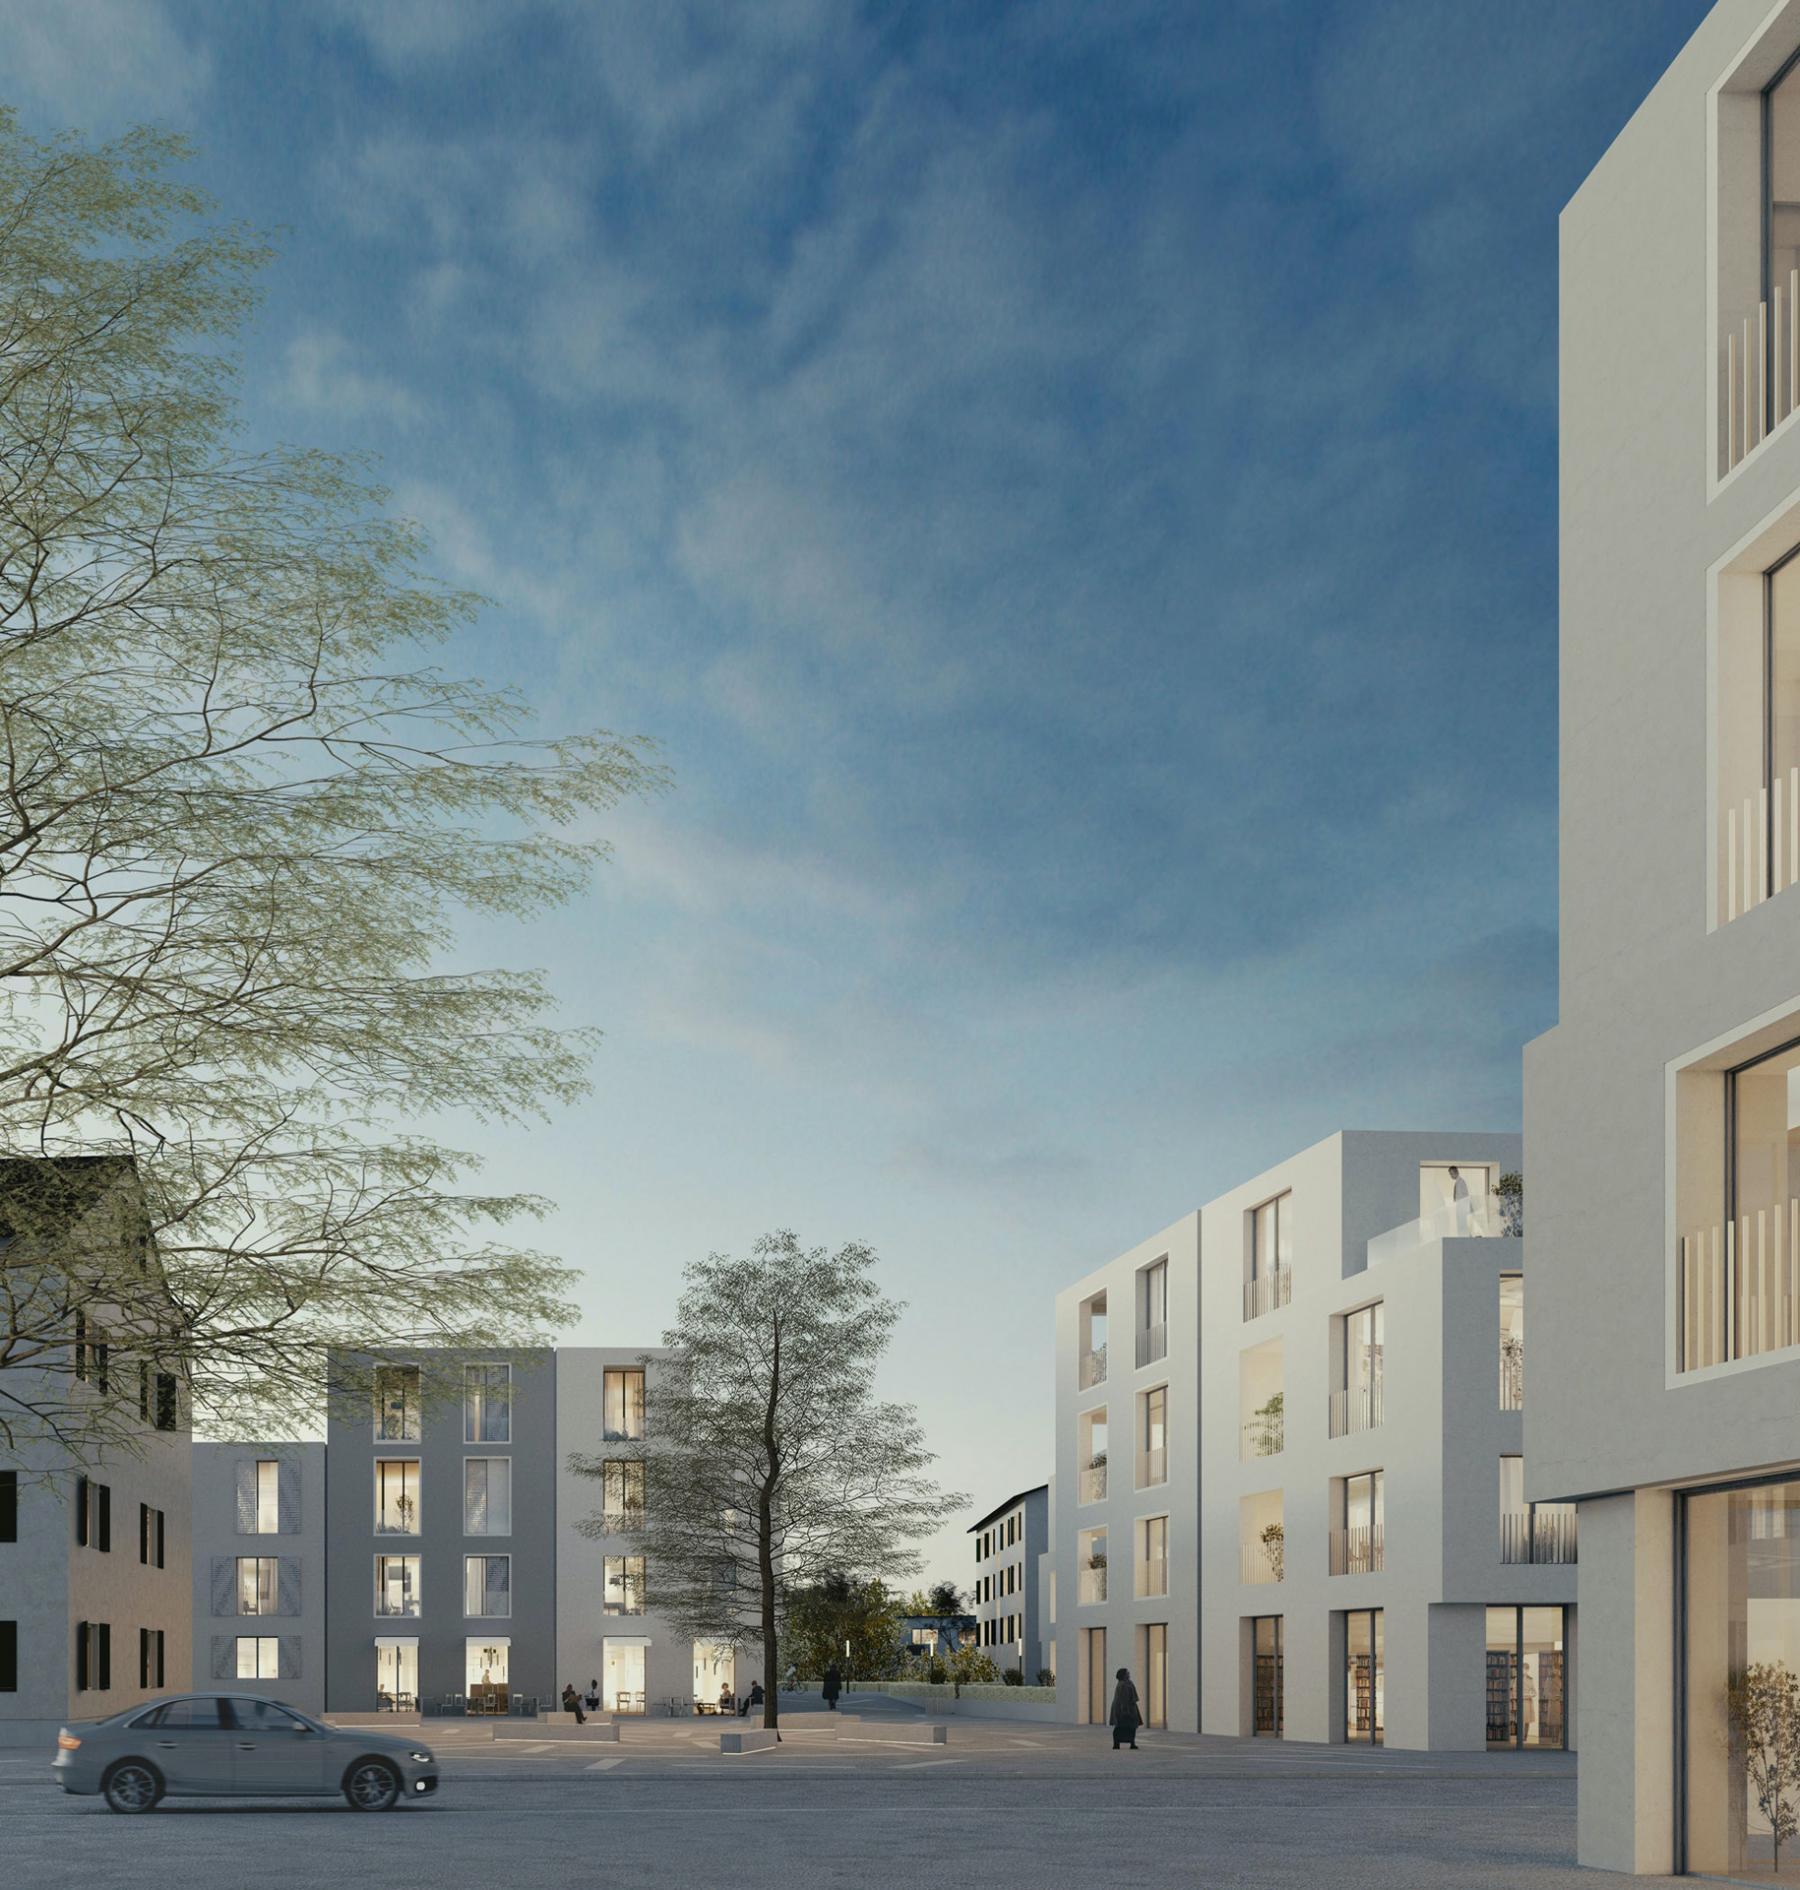 Dorfkernentwicklung Altenrhein, Gemeinde Thal - Sonnenareal, Baumschlager Eberle, DICHTER